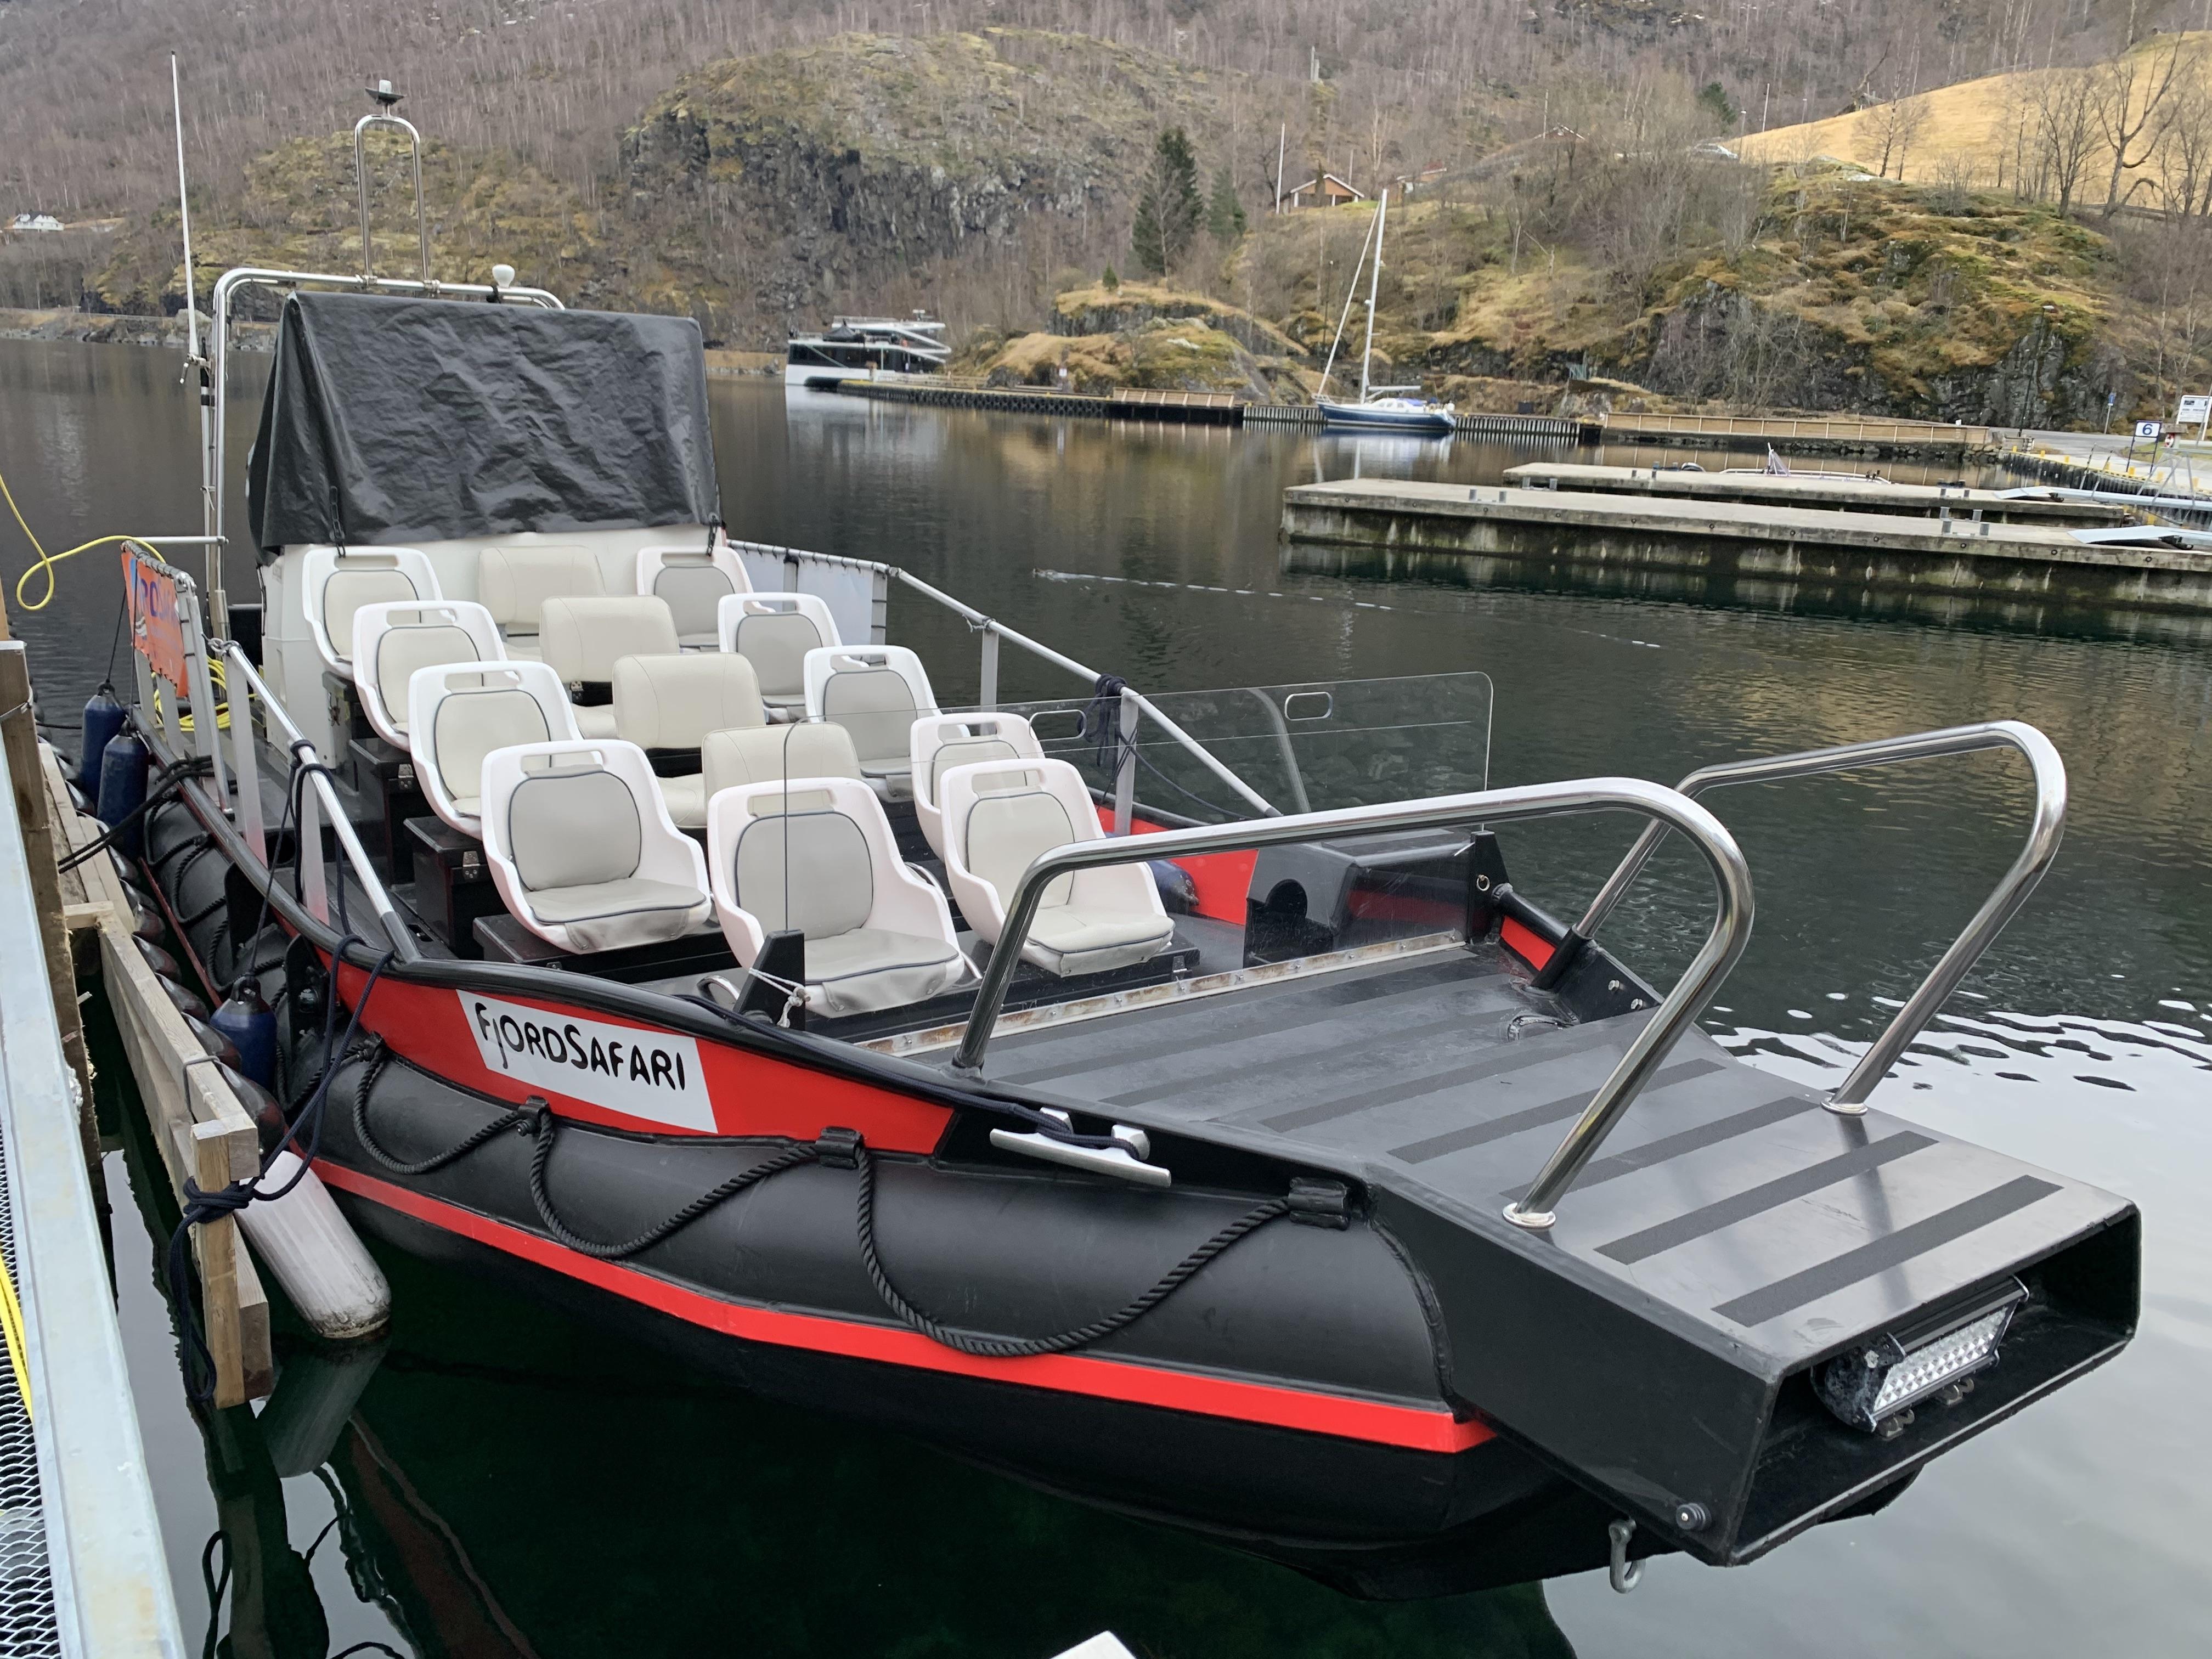 Ezen a hajón utaztunk a fjord szafari alatt